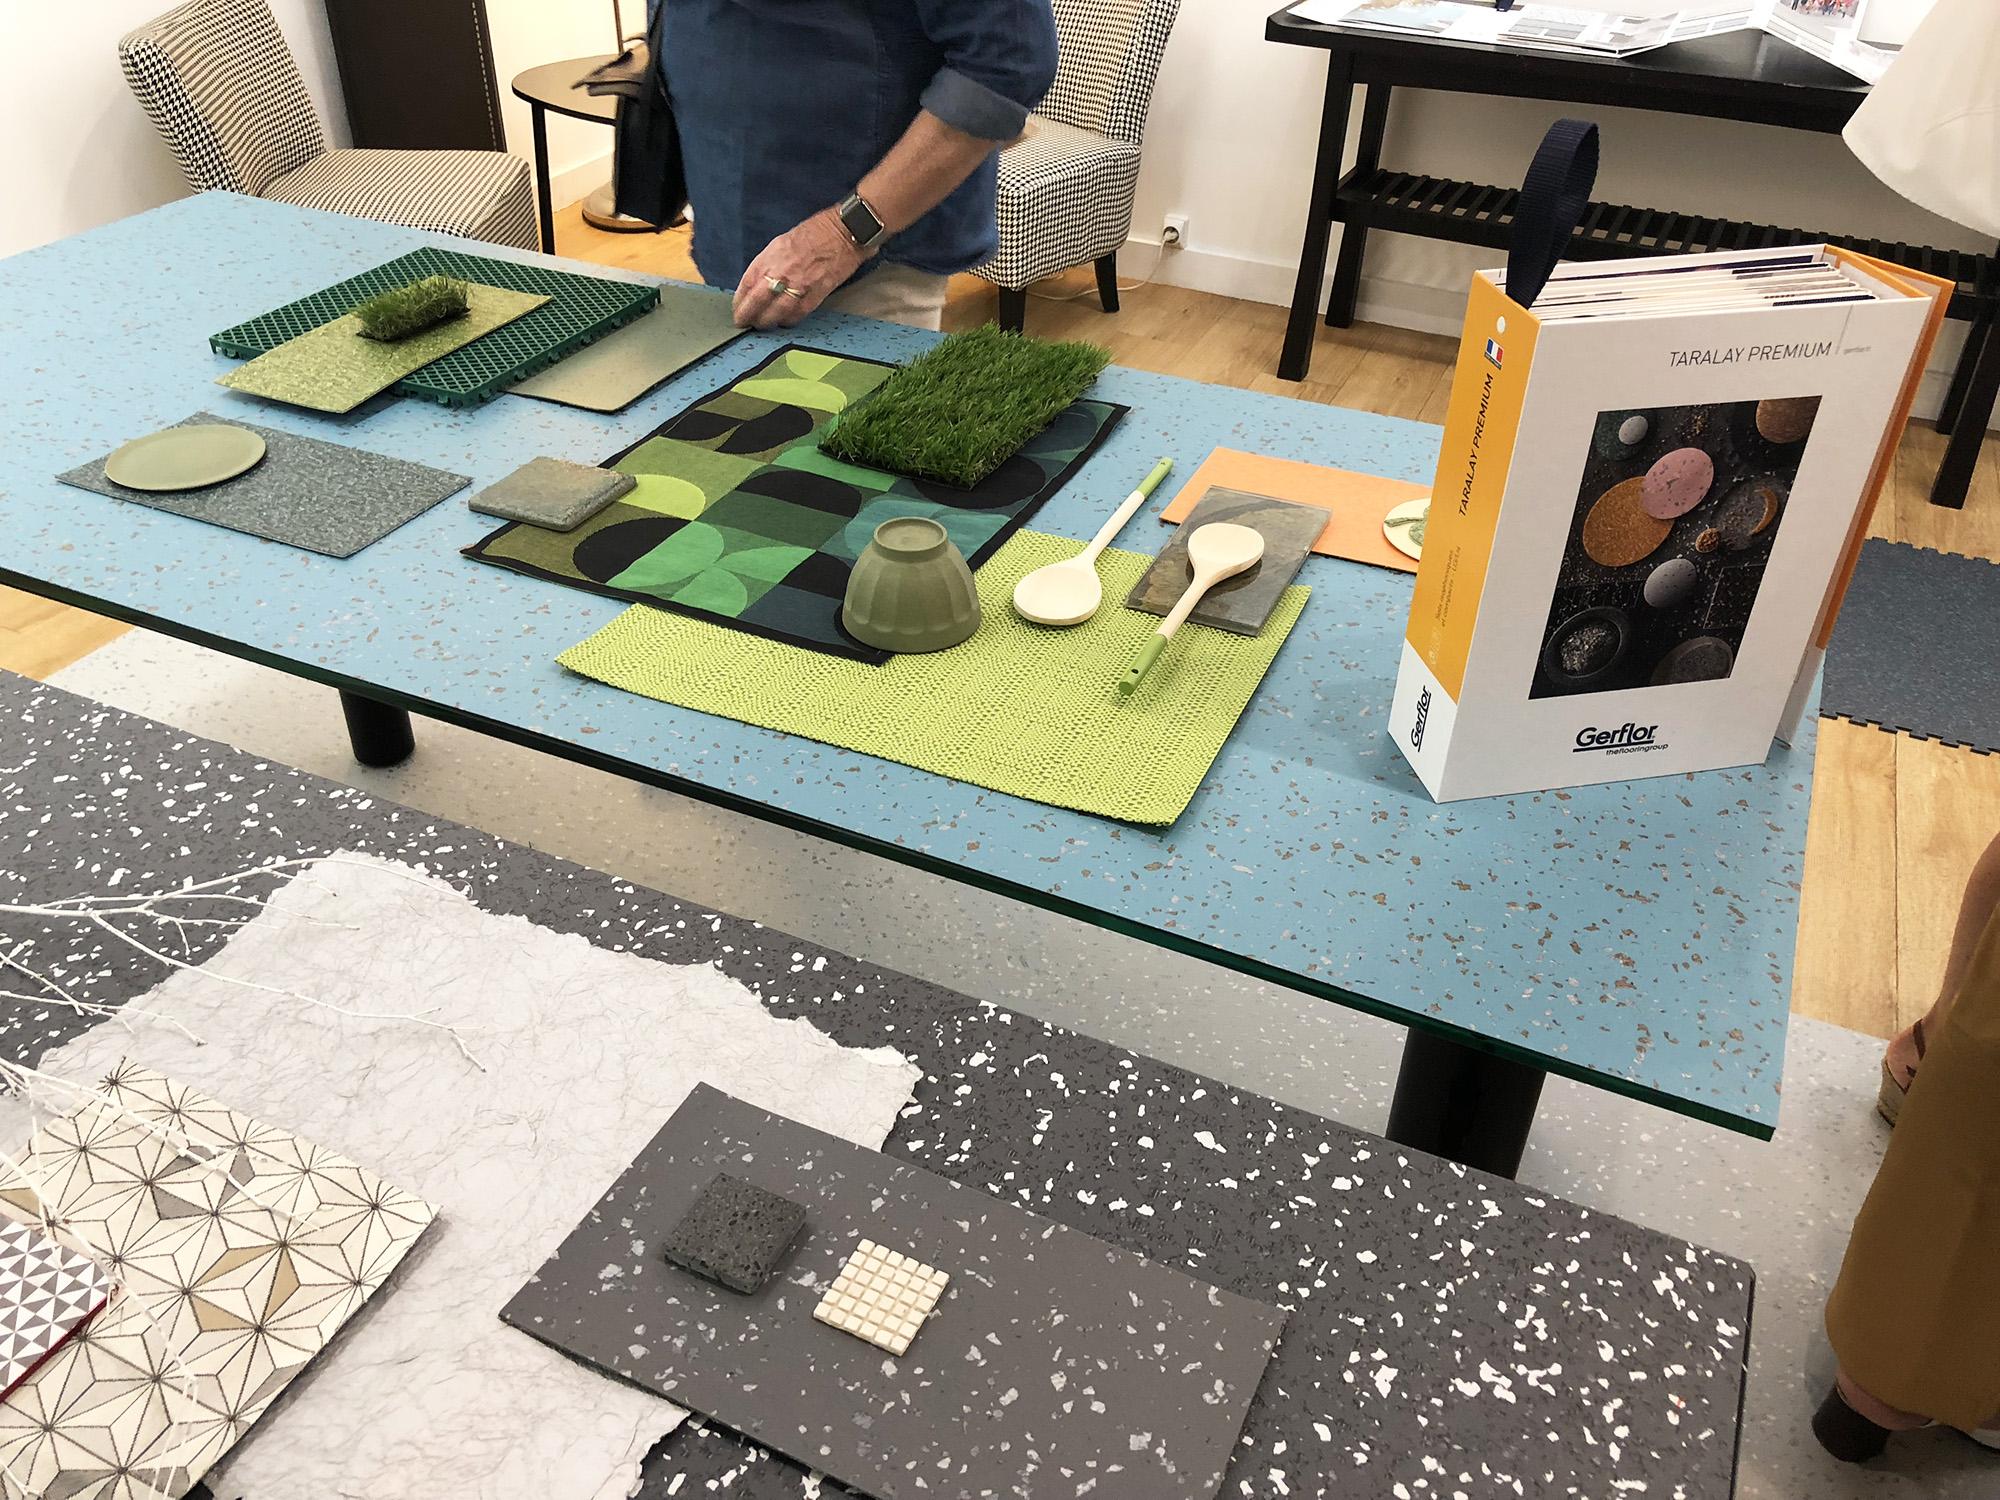 Une table en verre recouverte d'un pêle-même de matériaux dans les tons verts et bleux